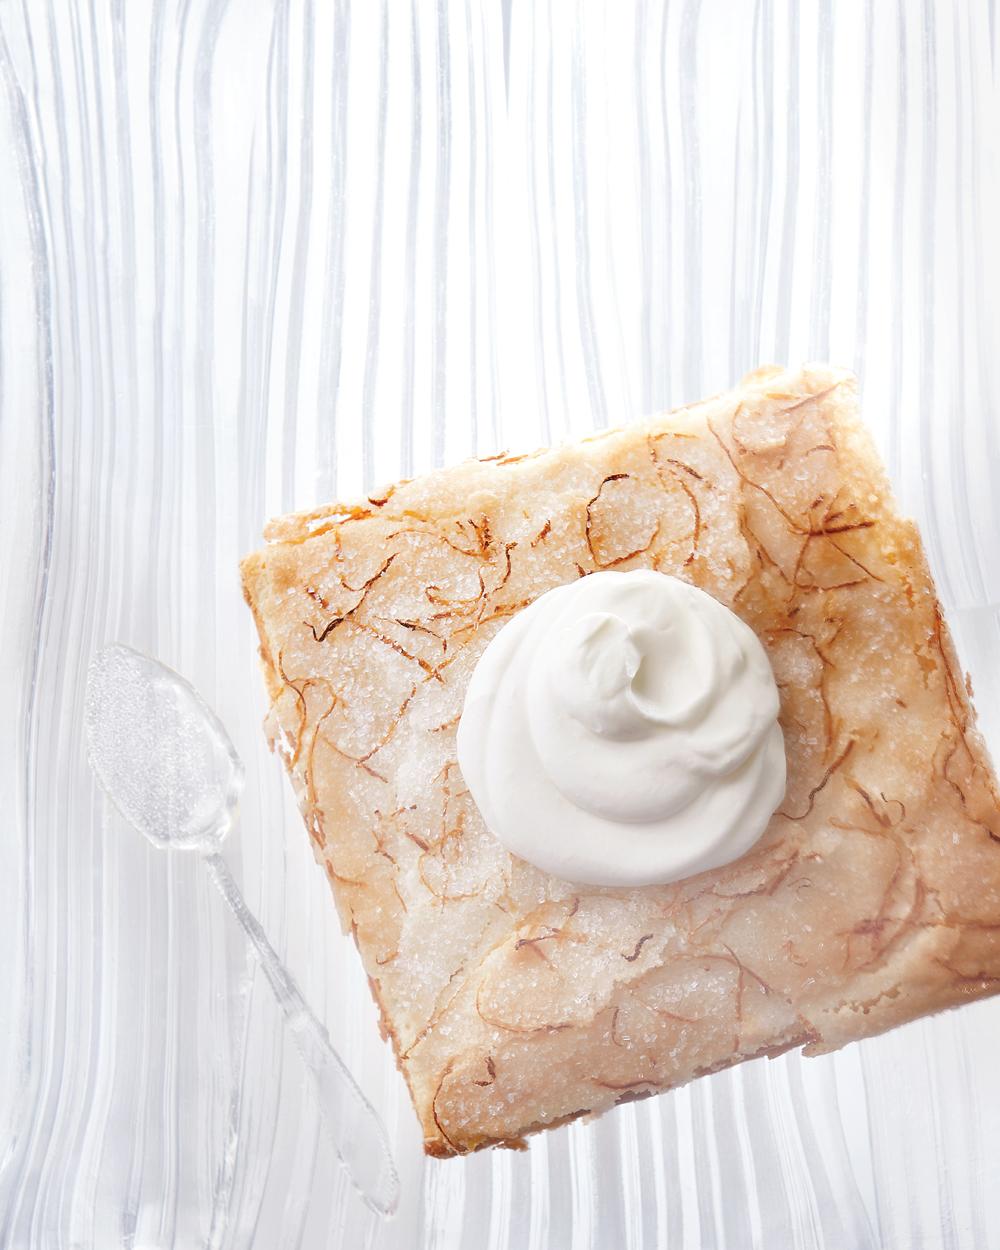 Mlemon-crunch-cake-131-d112435.jpg